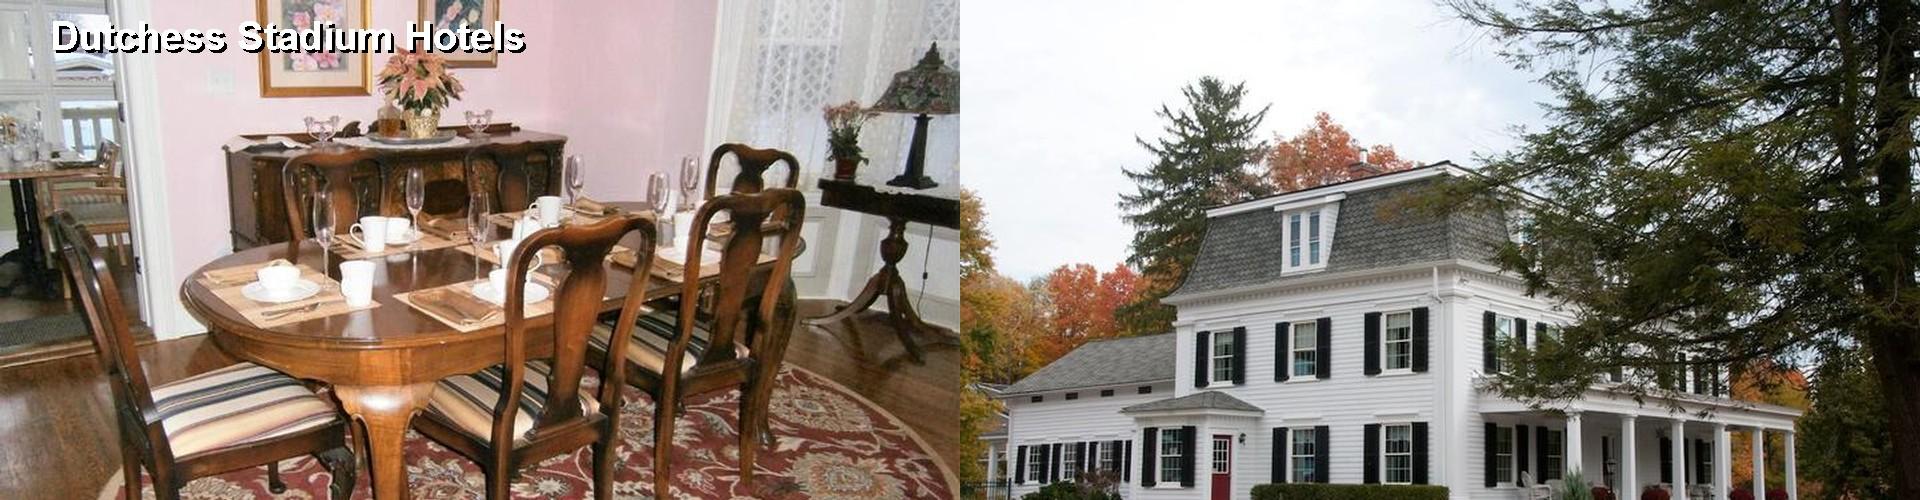 Elegant Best Hotels Near Dutchess Stadium With Vanderbilt